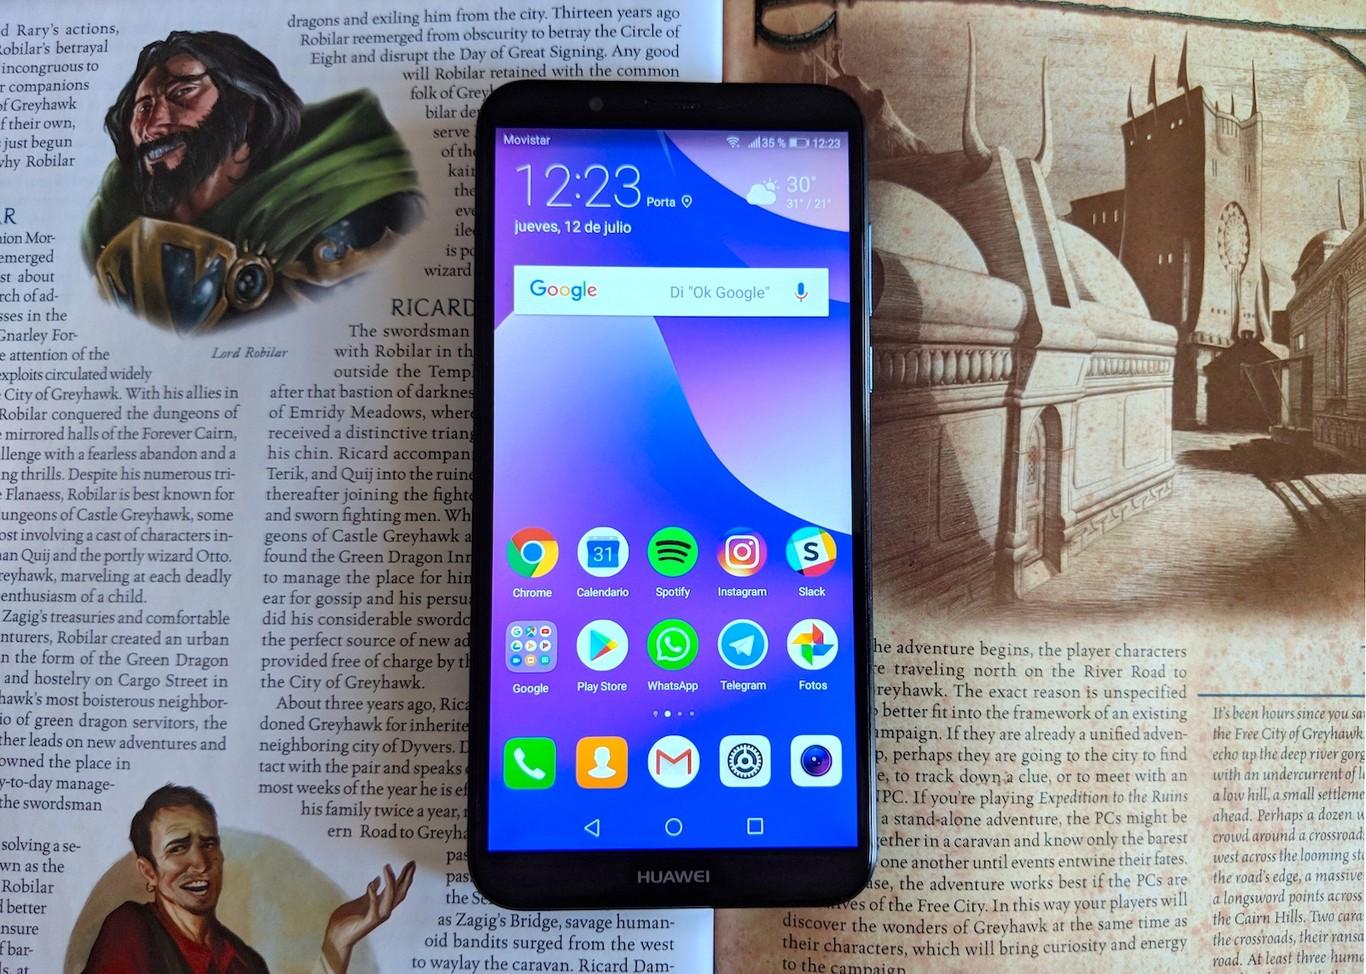 a66b77f917c Huawei Y7 Prime 2018, análisis: review con características, precio y  especificaciones